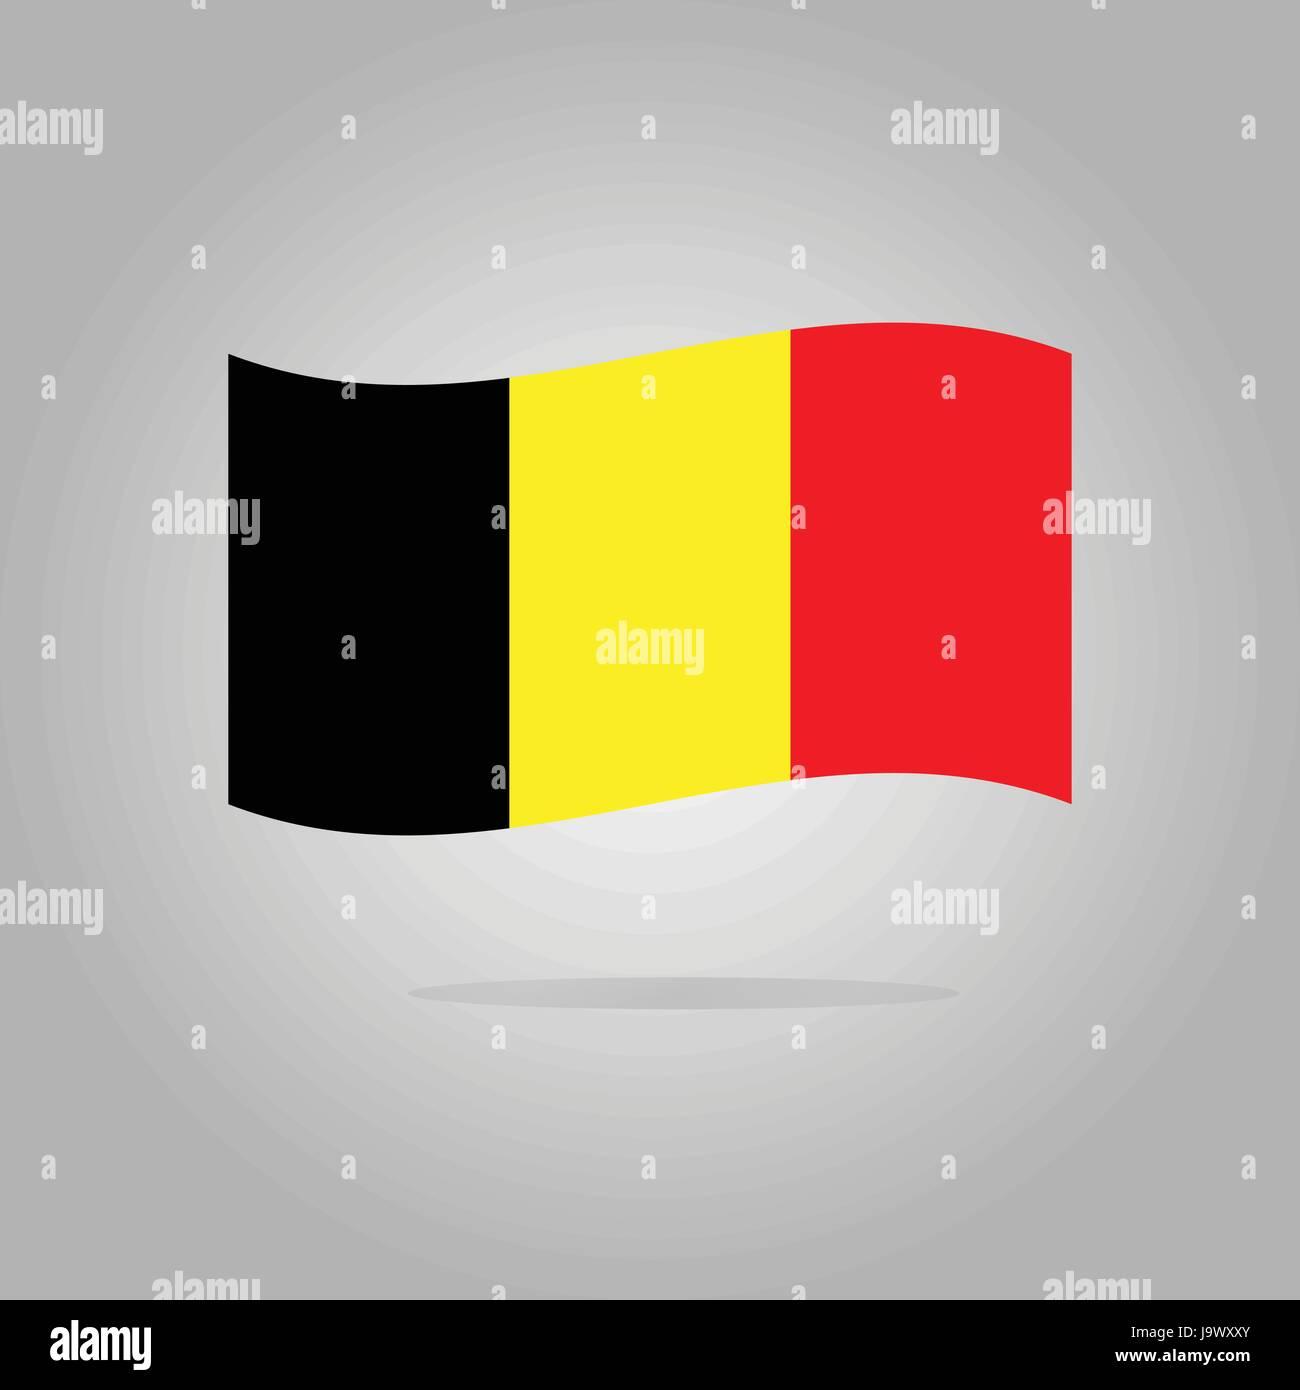 Belgium flag design illustration - Stock Image